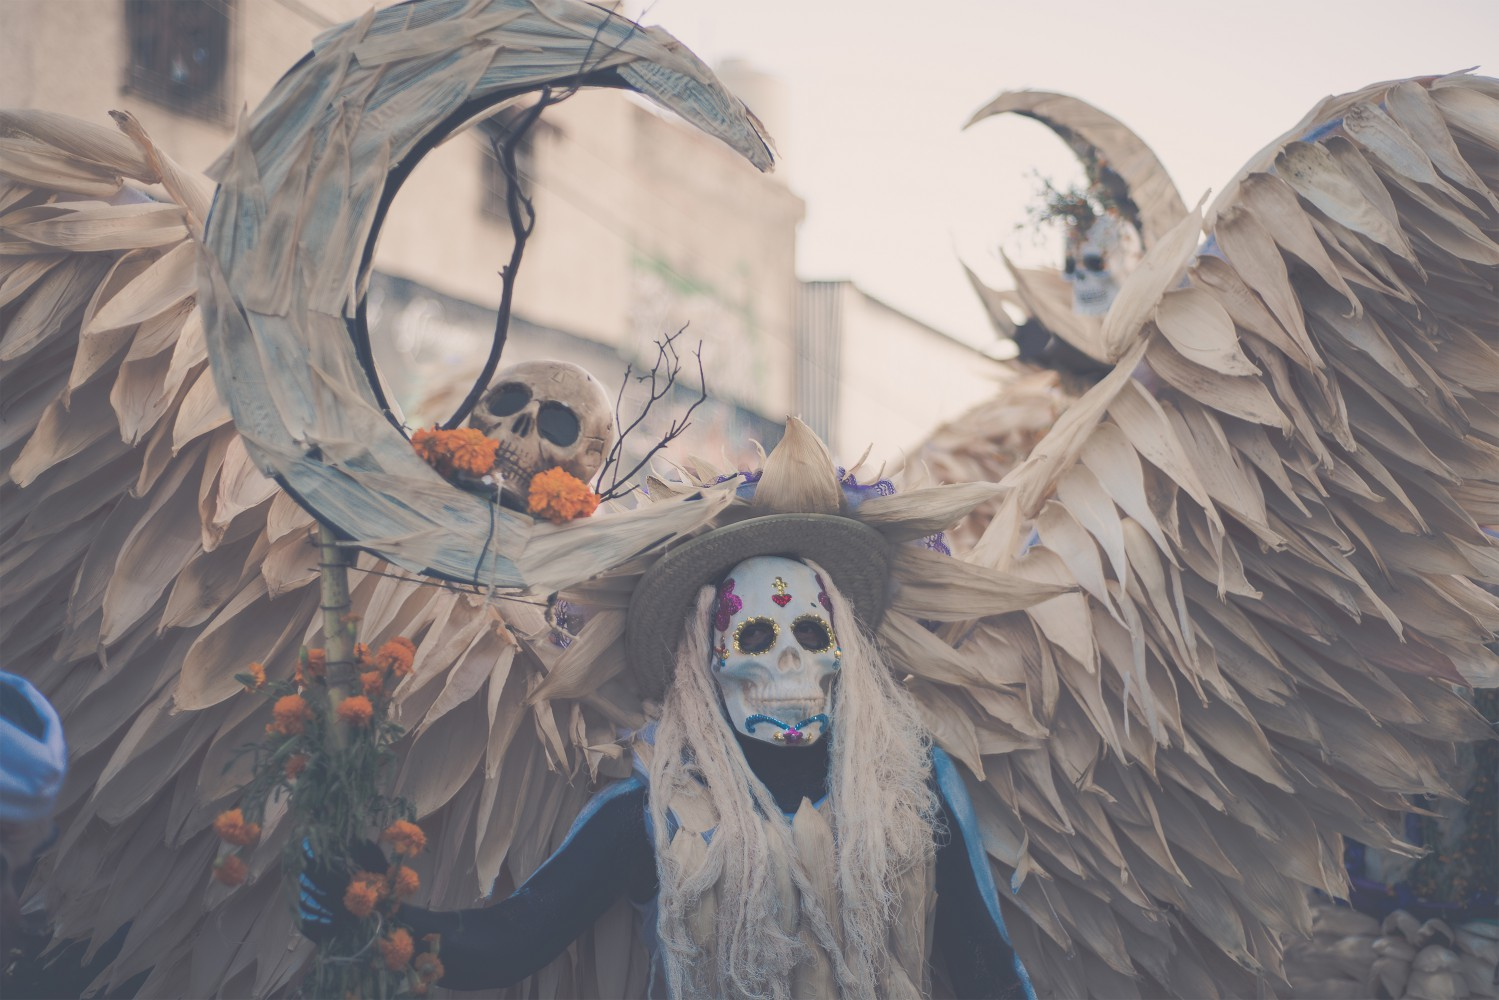 Dia de los Muertos — Day of the Dead